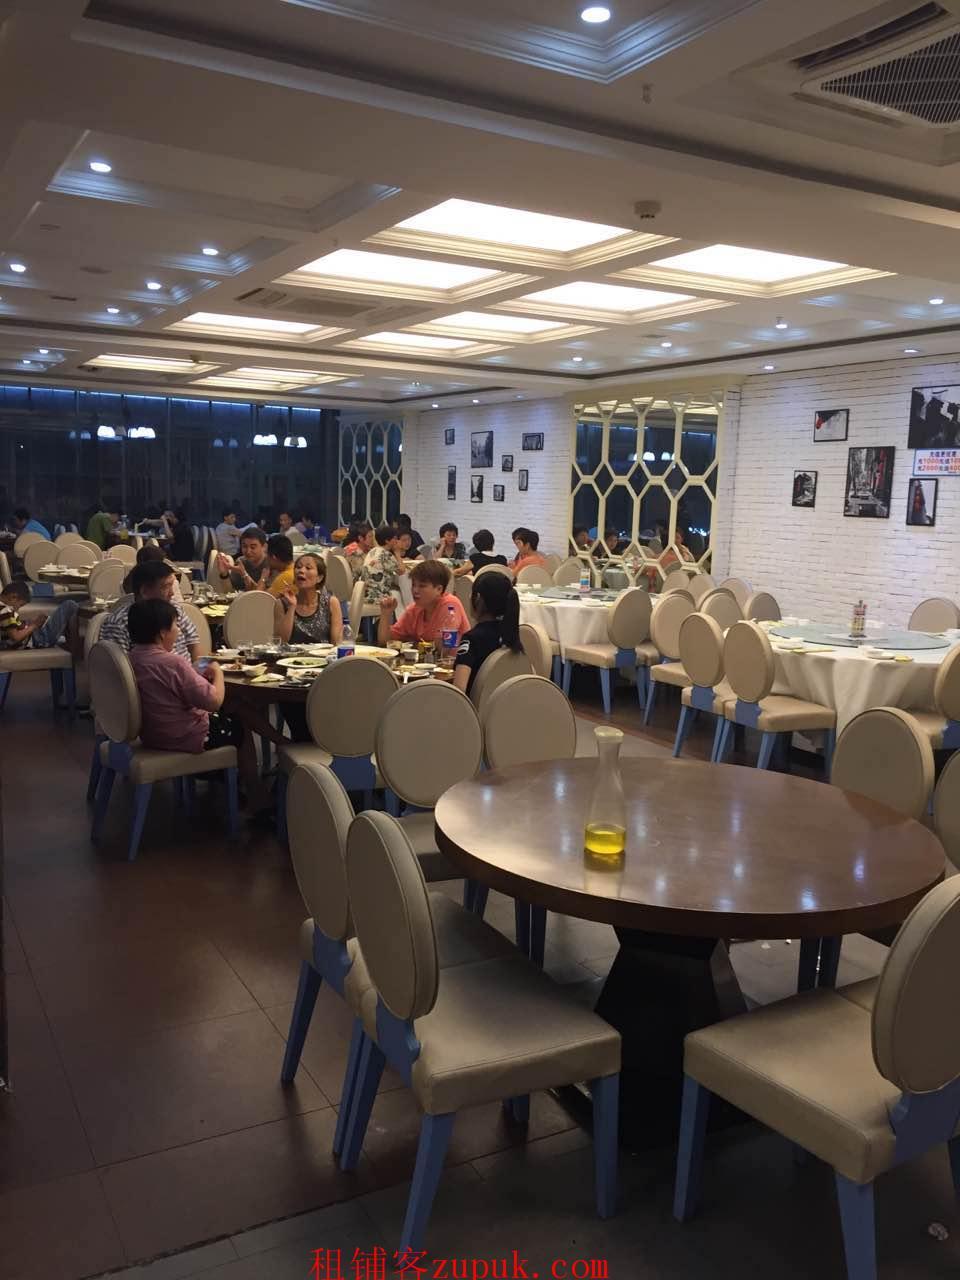 北外滩白玉兰广场,商场直招火锅,川菜粤菜需要品牌审核包执照